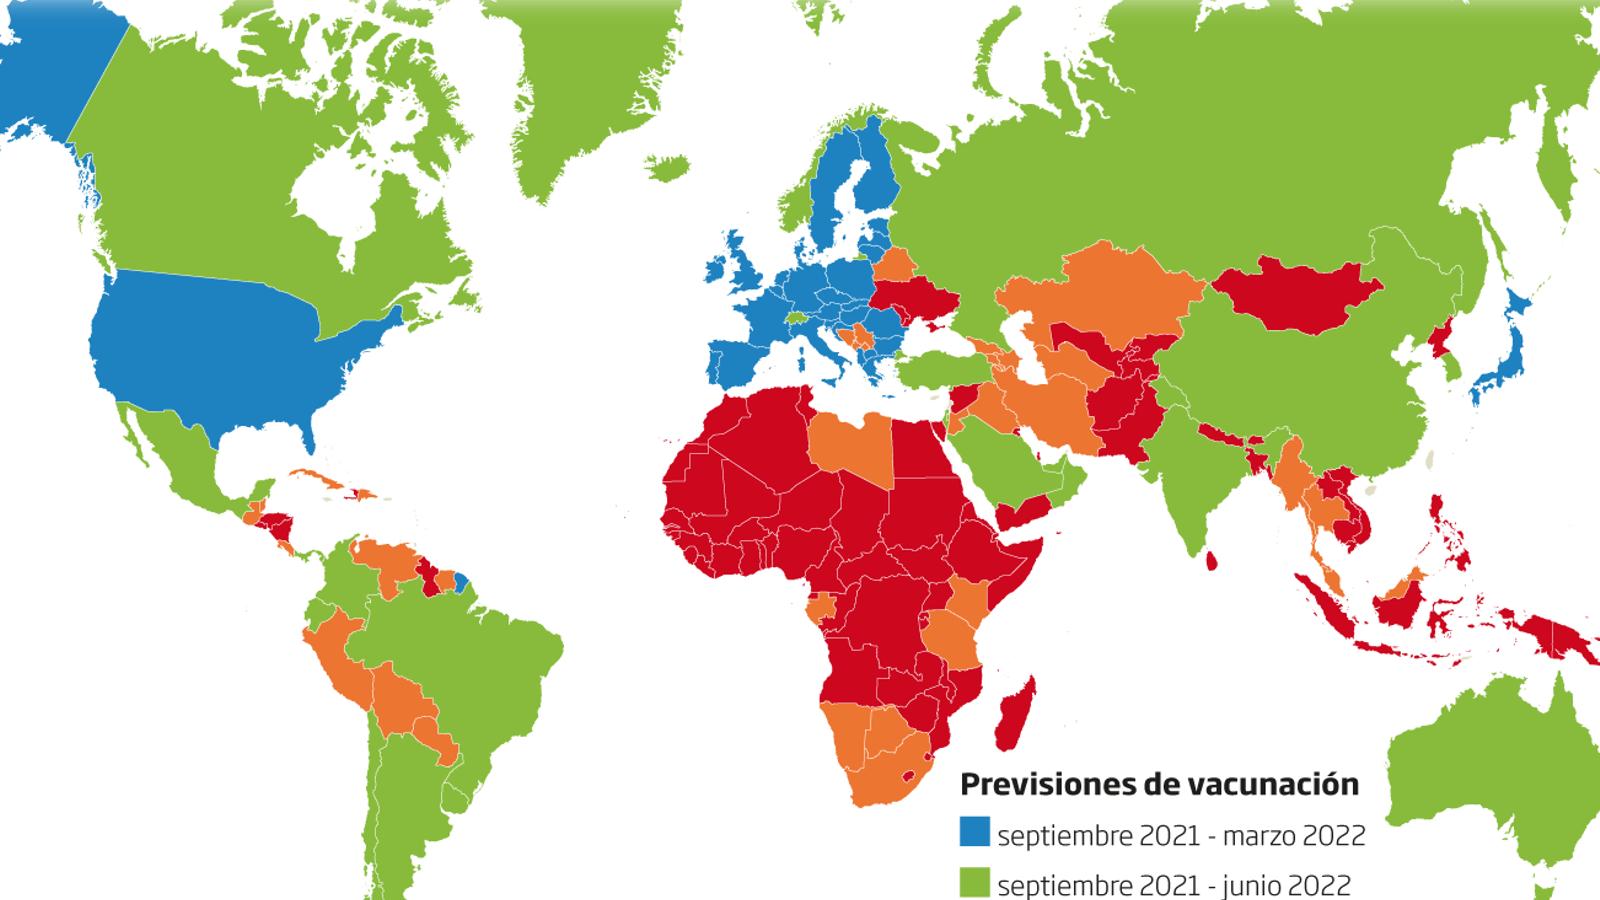 La patente, una barrera para vacunar al mundo de covid -19